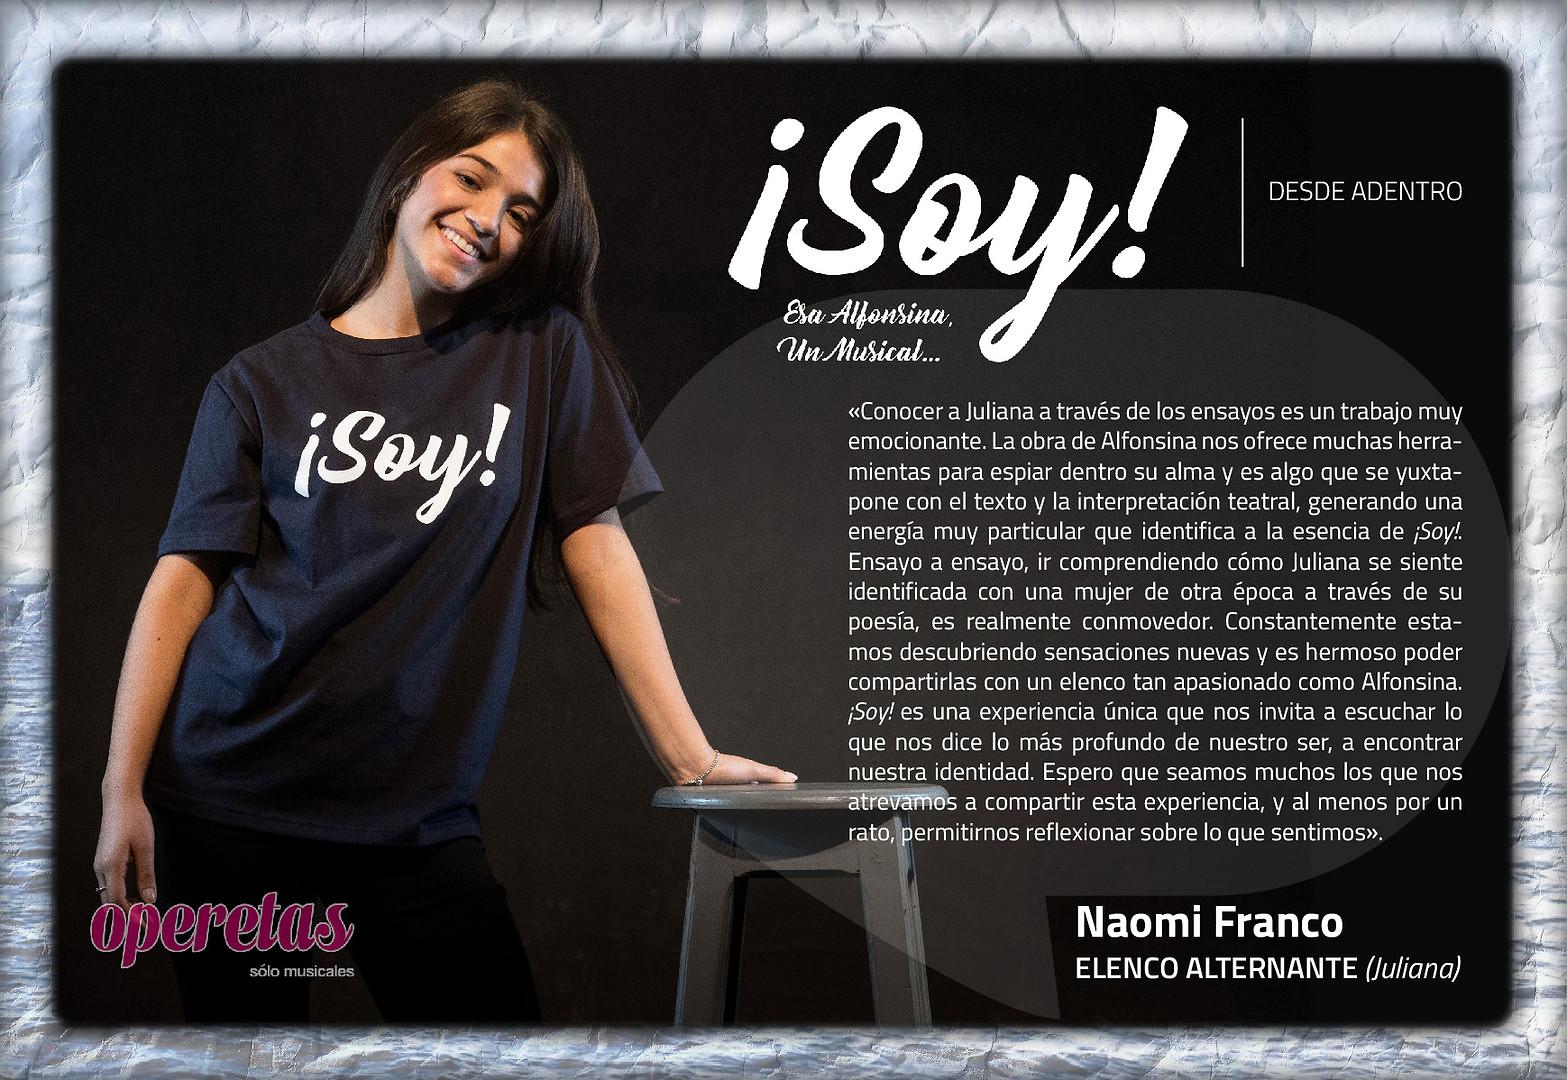 Naomi Franco